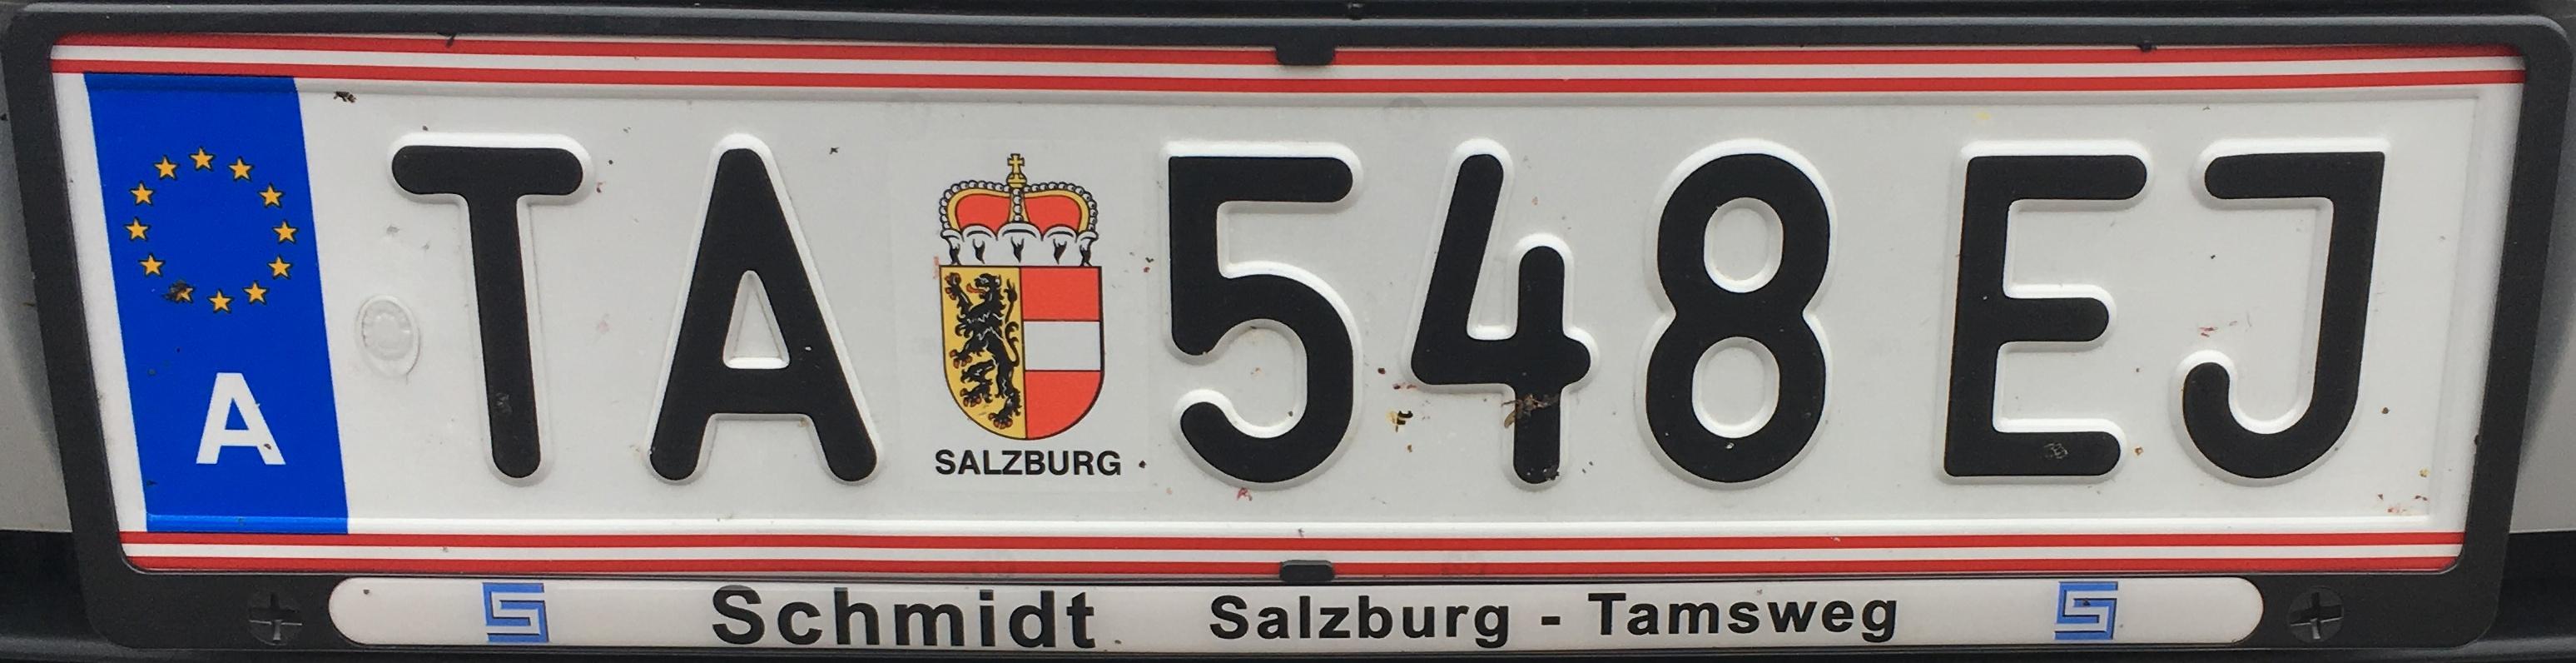 Registrační značka Rakousko - TA - Tamsweg, foto: www.podalnici.cz